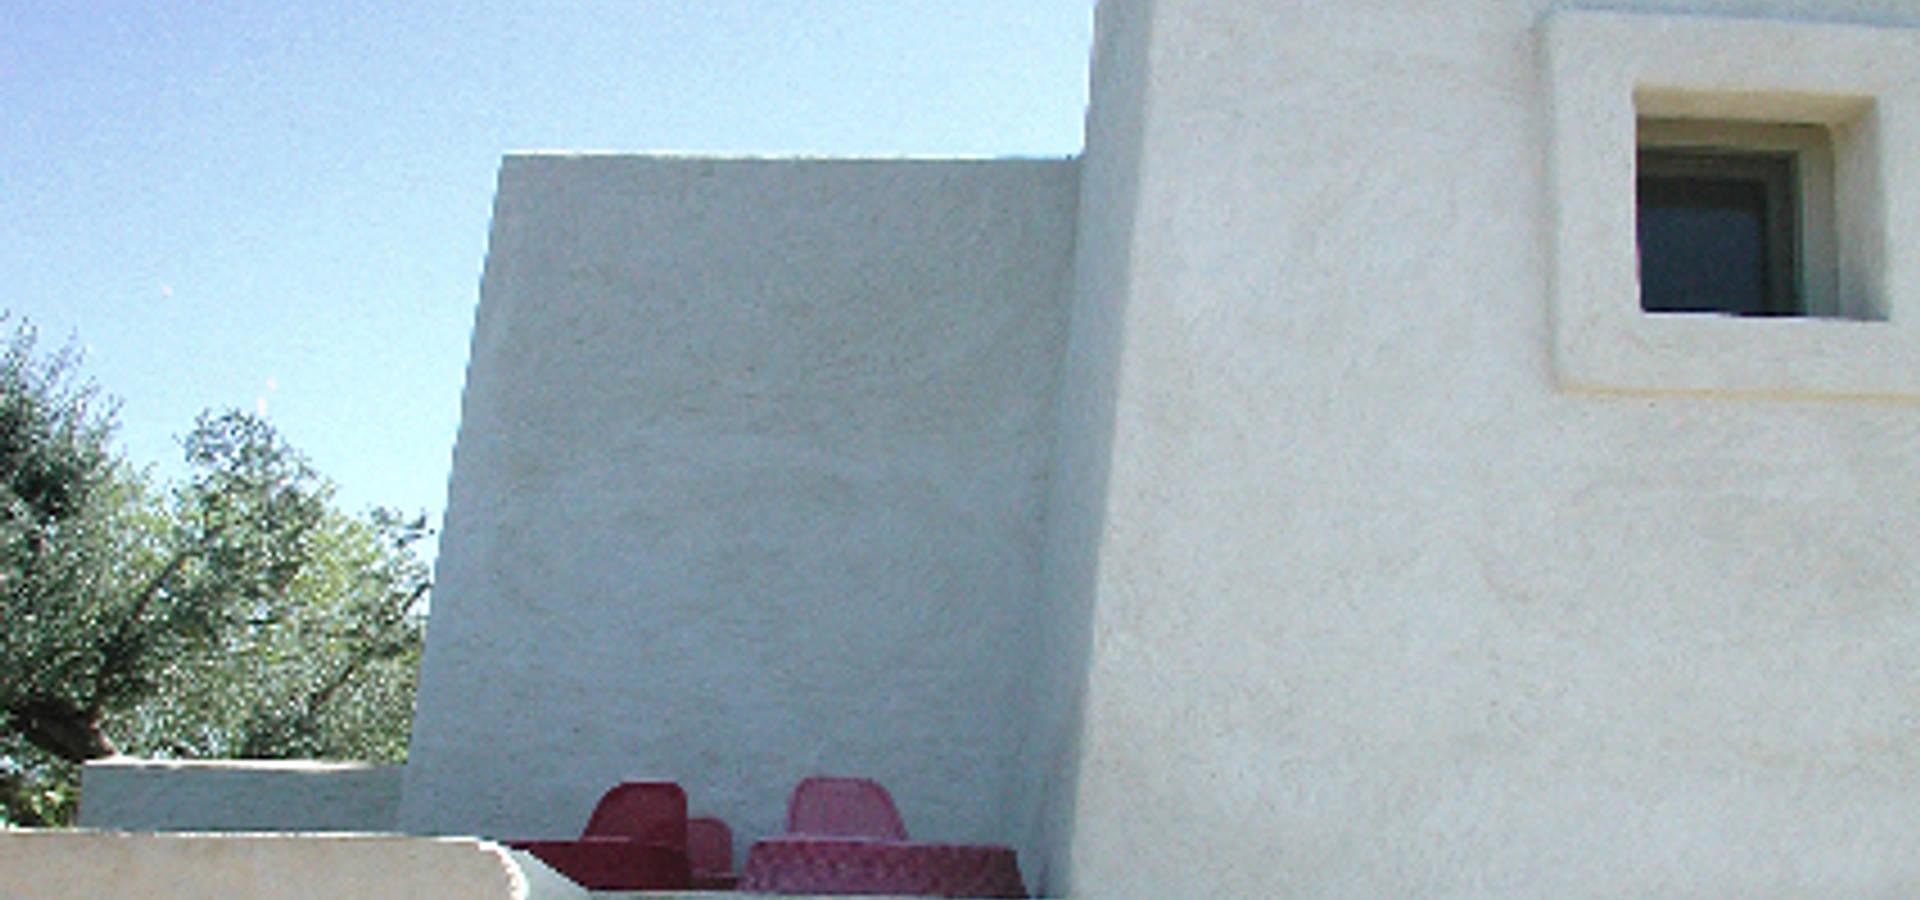 Architettura Sostenibile Architetti 0-co2 architettura sostenibile : architetti a lecce italia